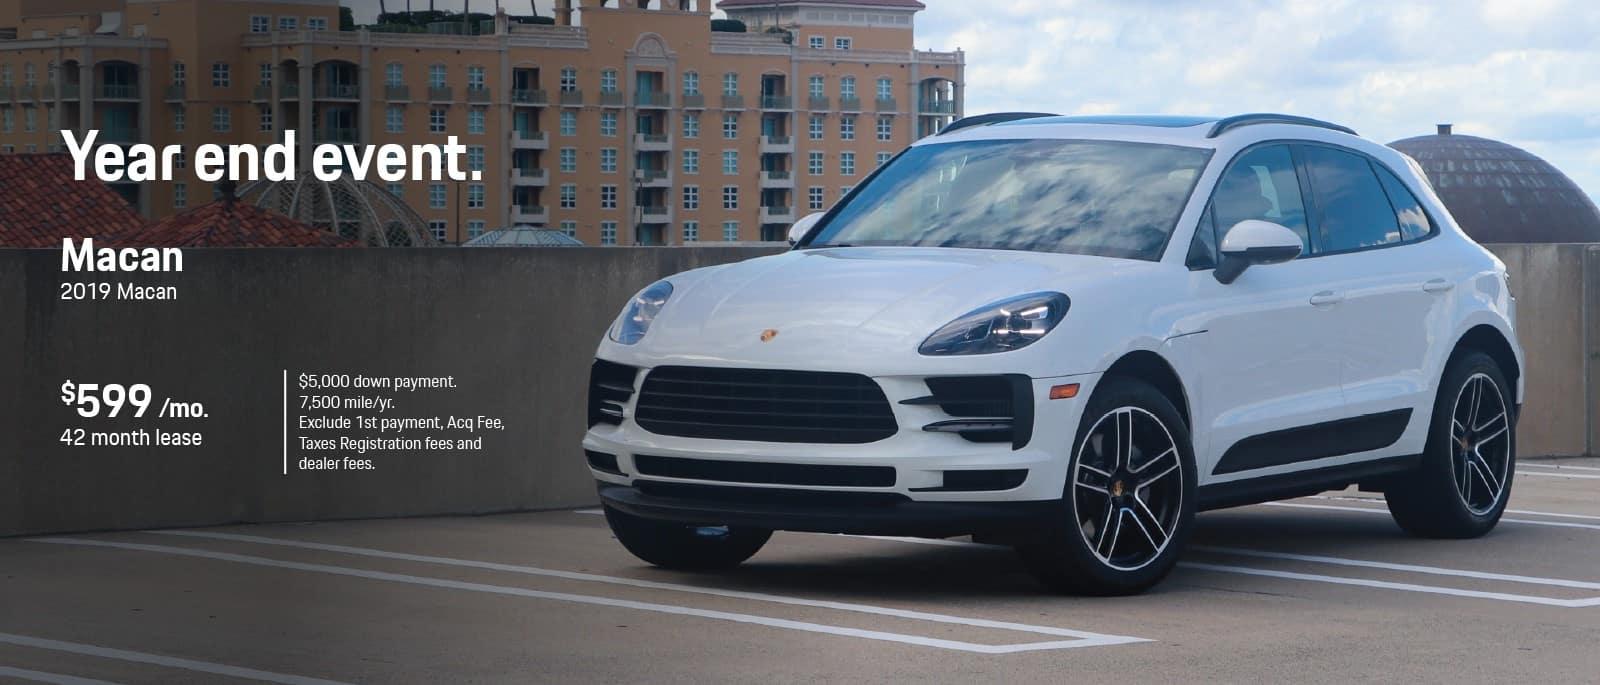 2019 Porsche Macan Lease